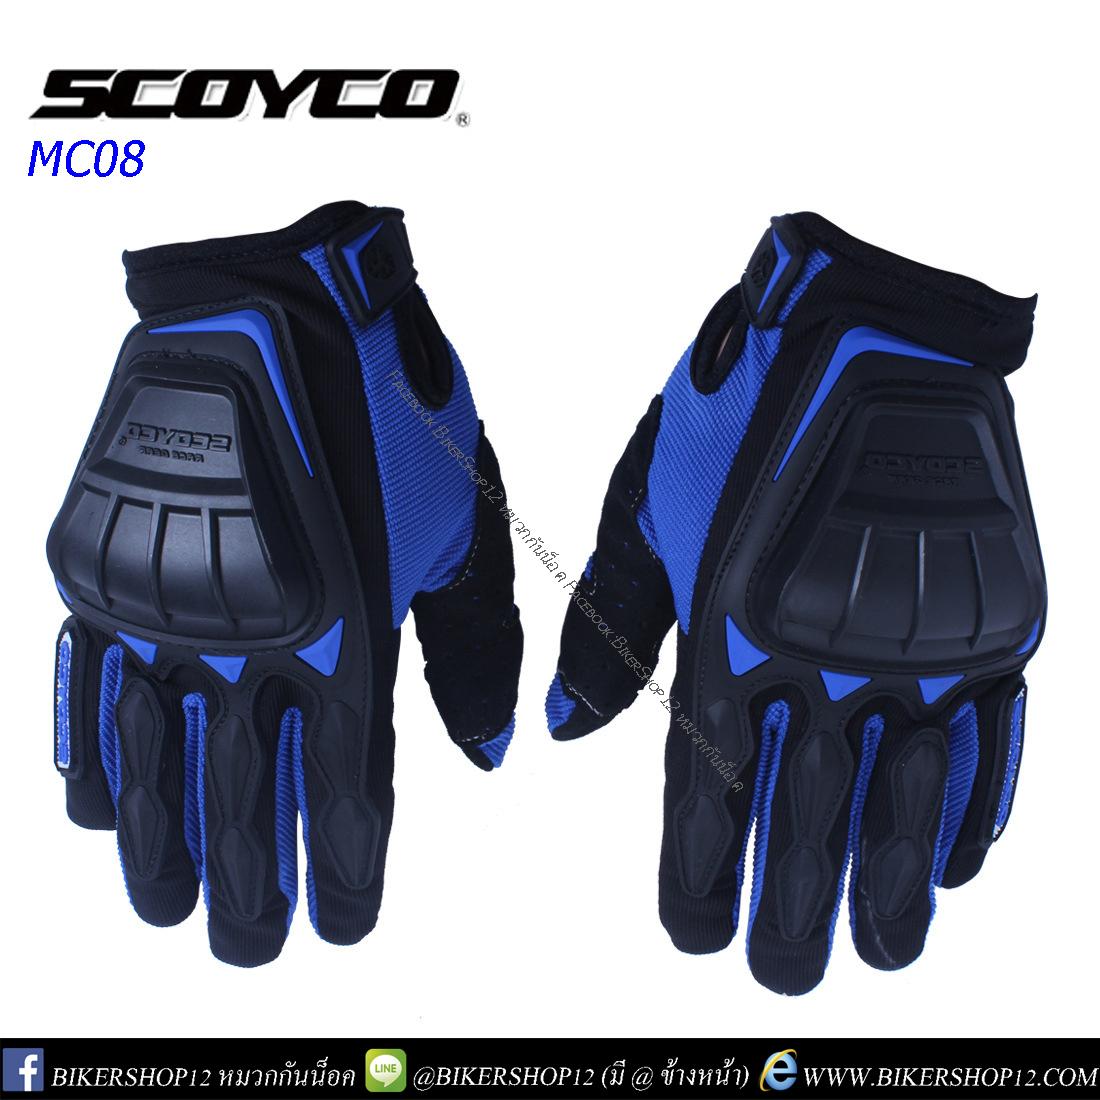 ถุงมือ SCOYCO MC08 สีน้ำเงิน